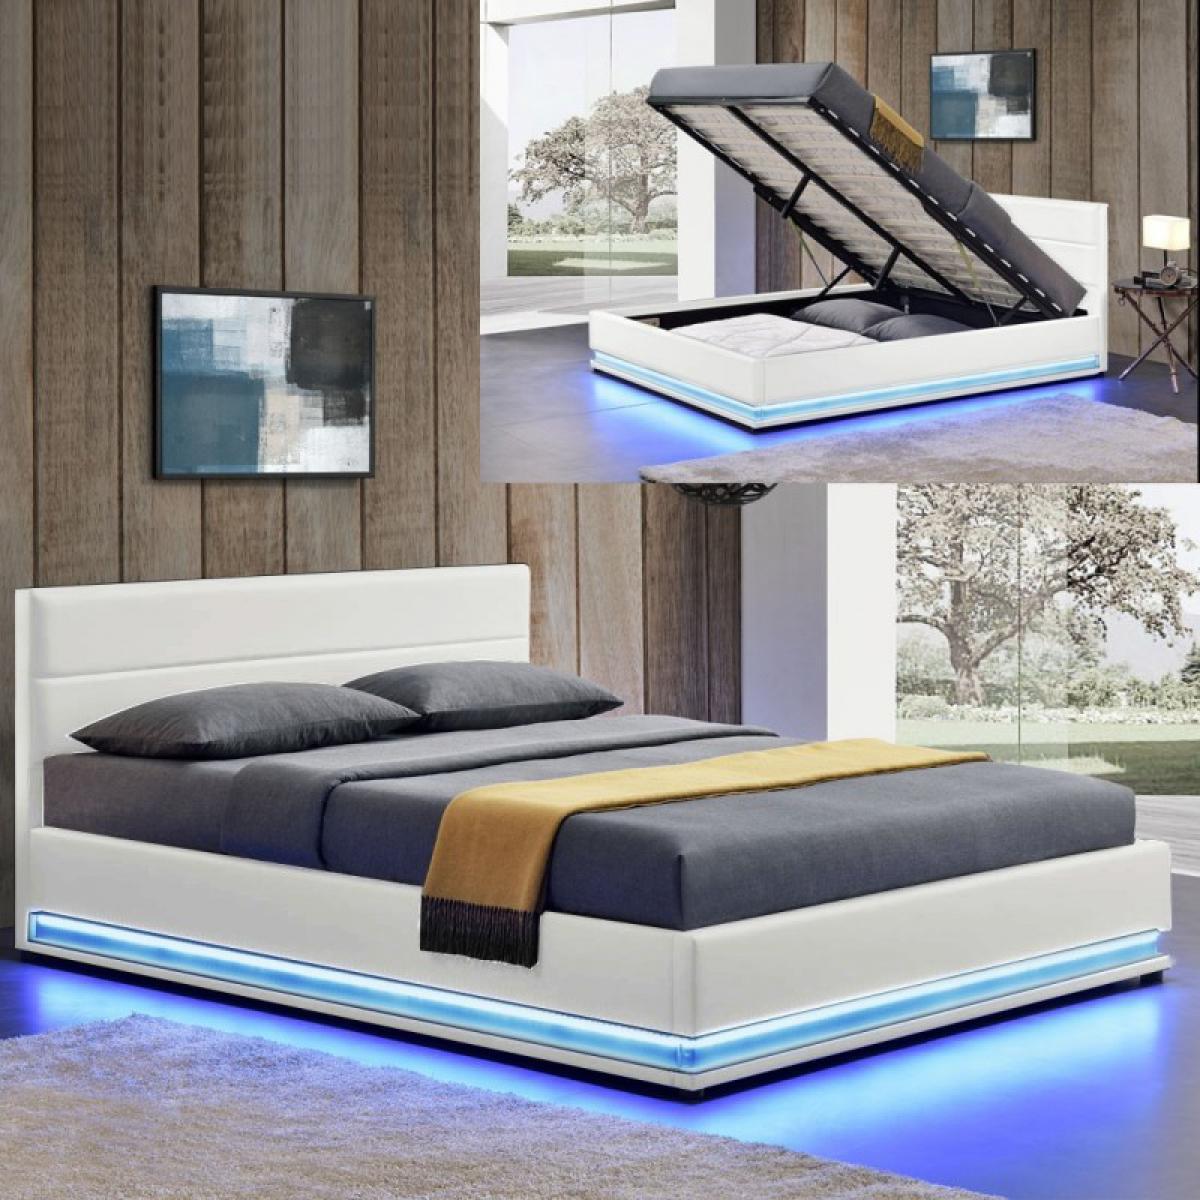 Meubler Design Lit led avec coffre de rangement AVA - Blanc - 180x200